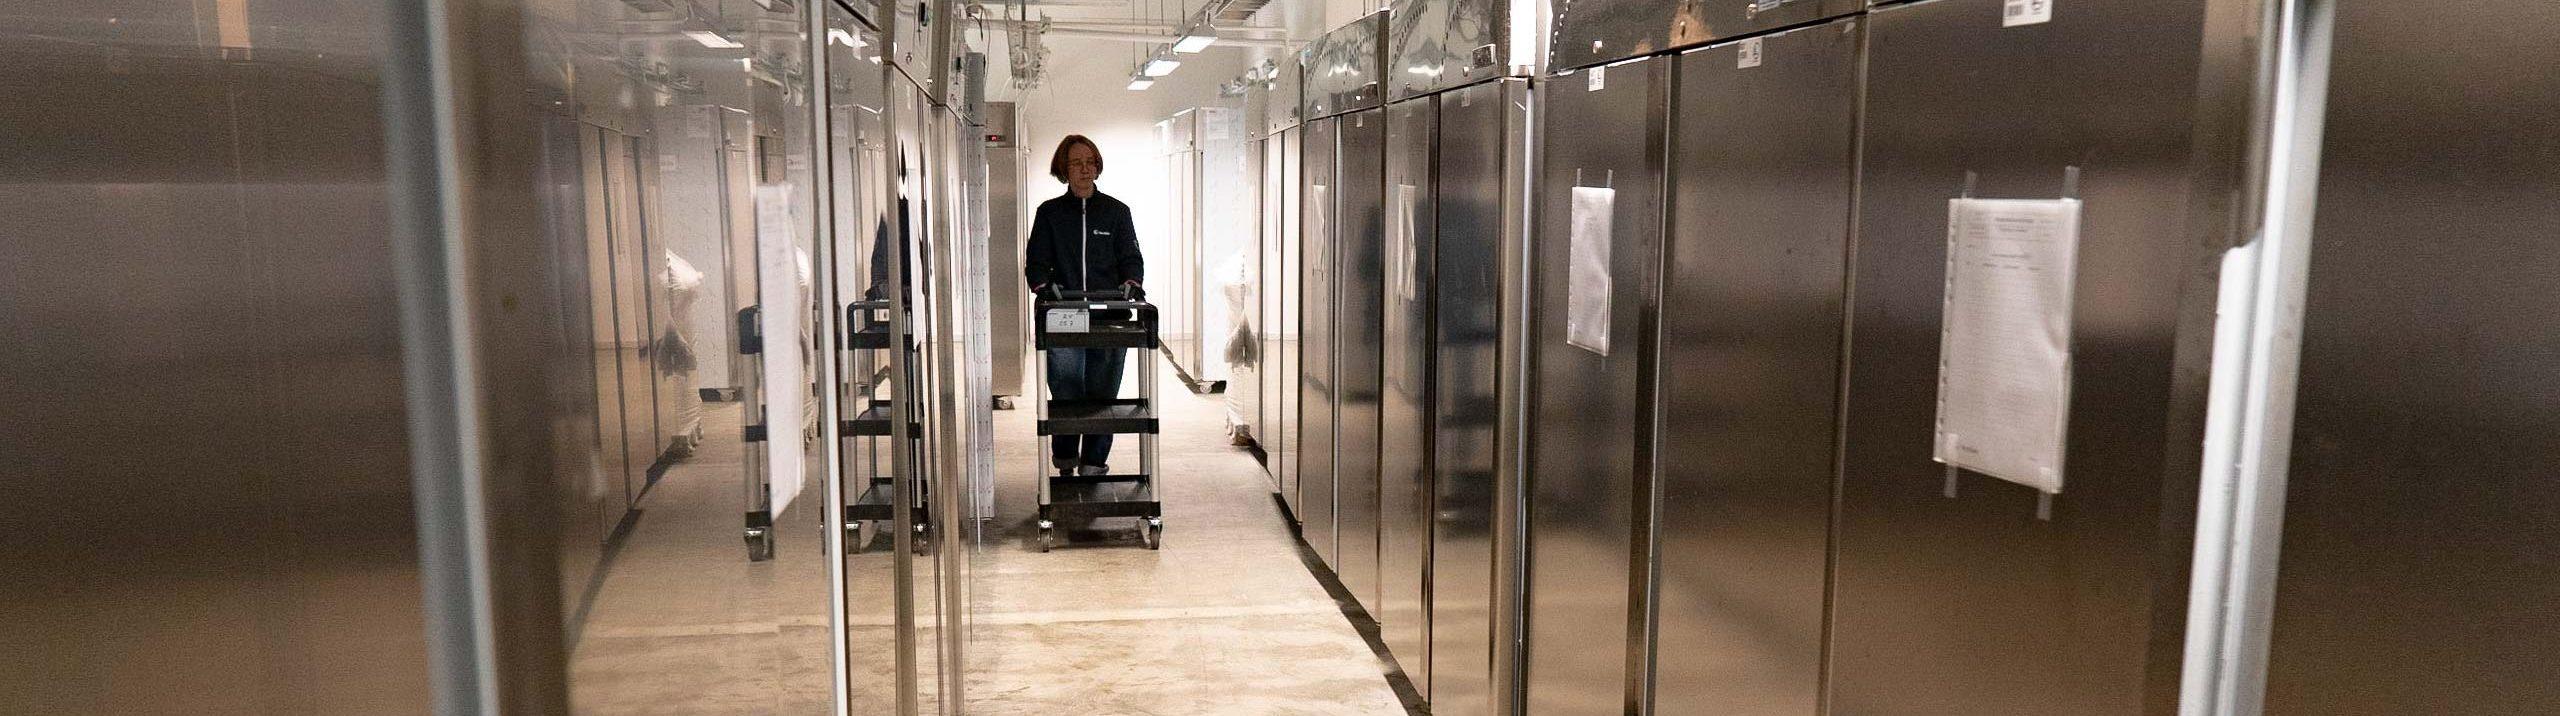 Kvinna går med vagn längs lång rad av frysar i rostfritt stål.